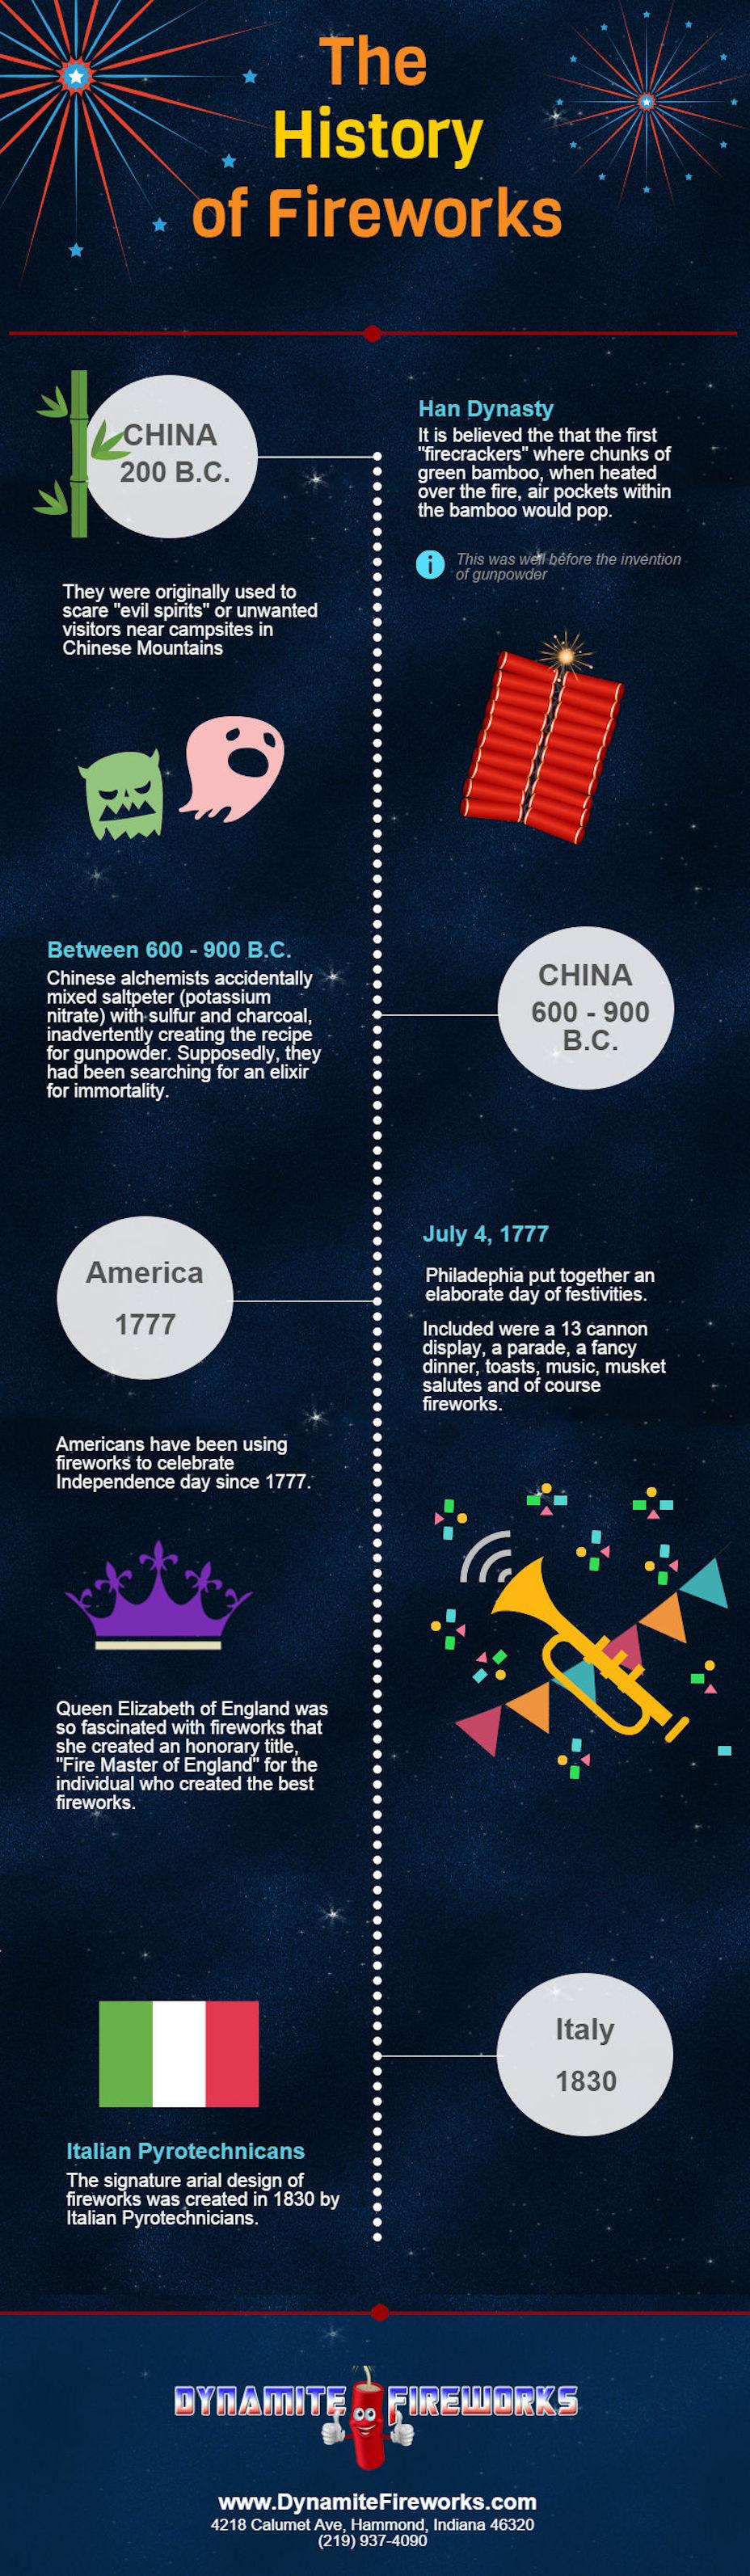 ประวัติพลุ-กำเนิดพลุ-พลุจีน